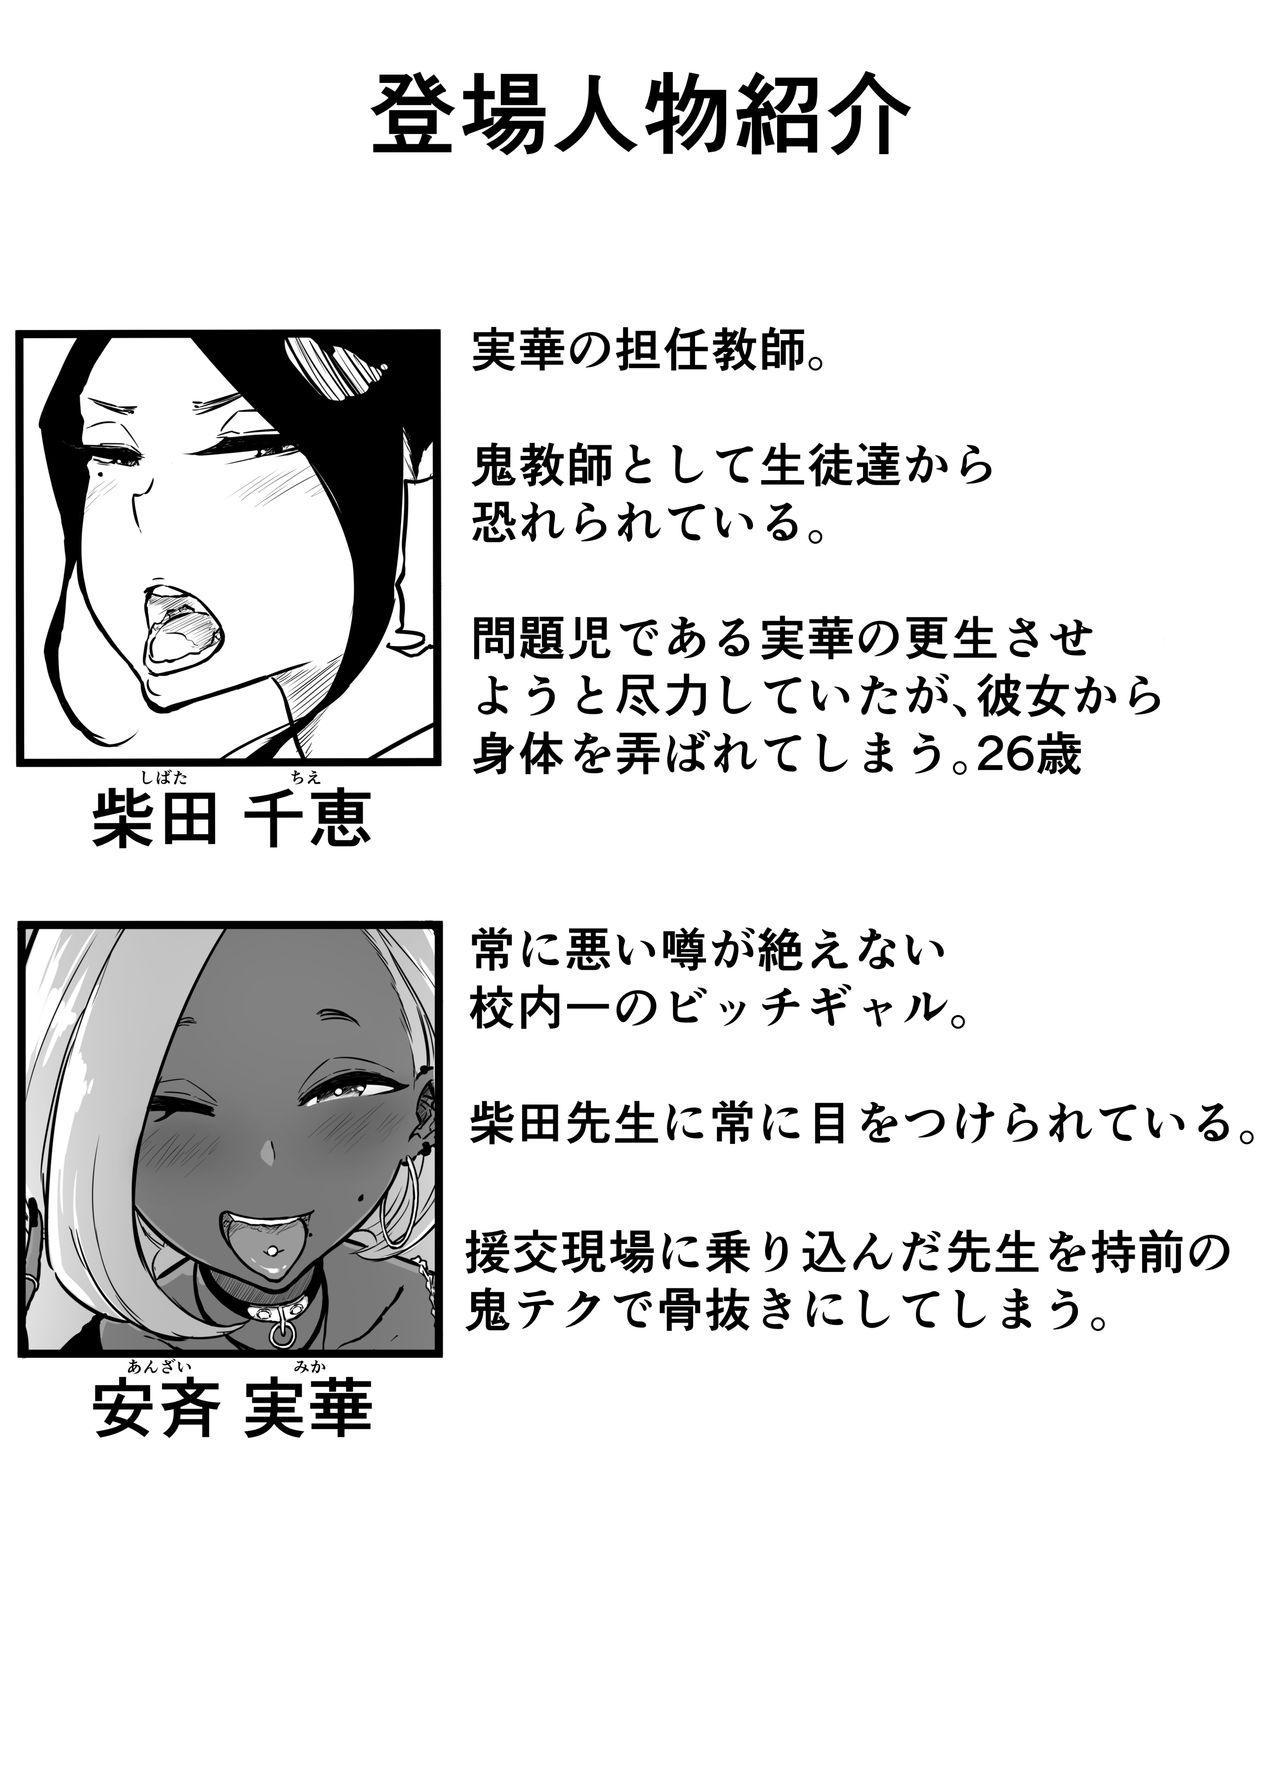 Sparta Sensei ga Oshiego no Bitch Gal ni Ecchi na Koto Sareru Hanashi 2 1